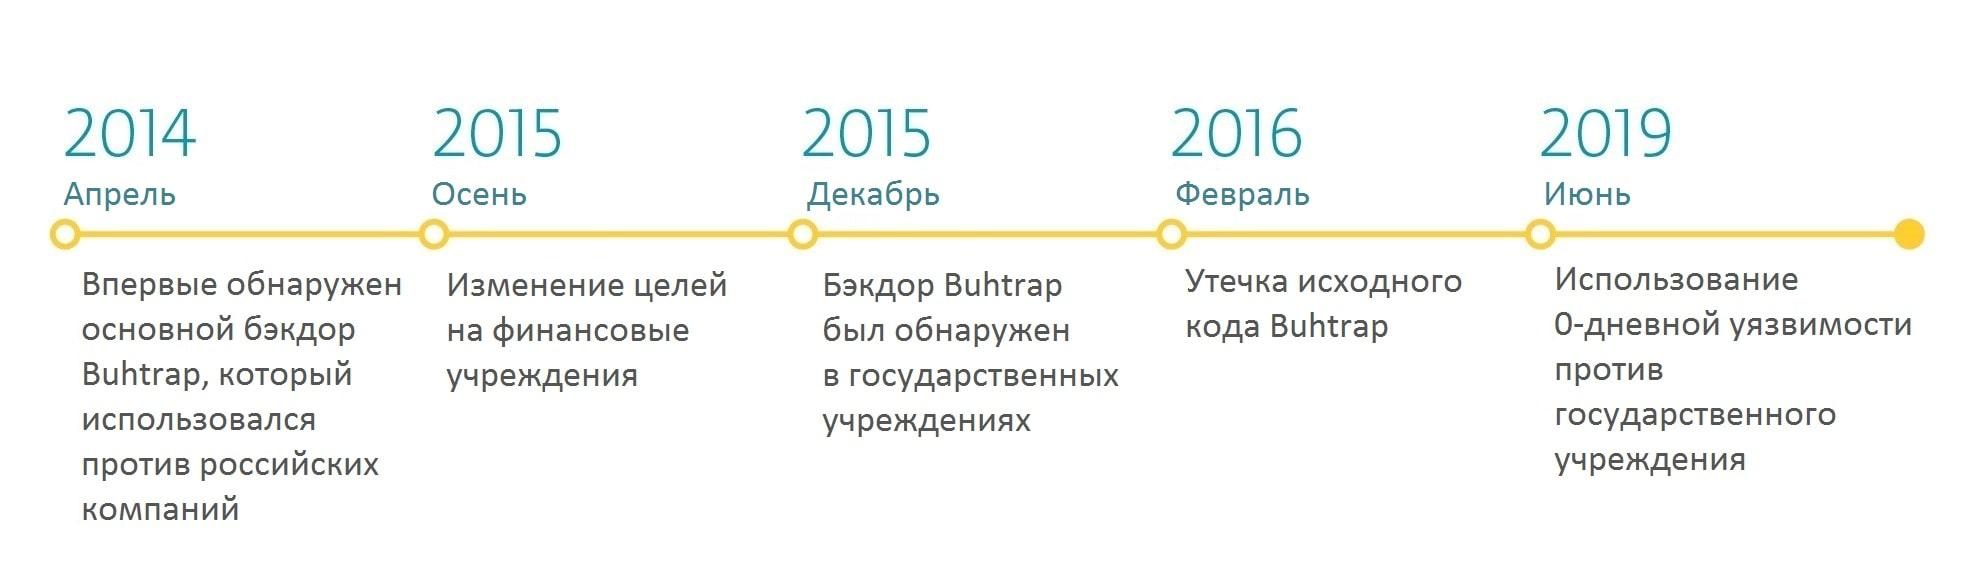 Цели киберпреступников группы Buhtrap за последних пять лет – новости ESET.